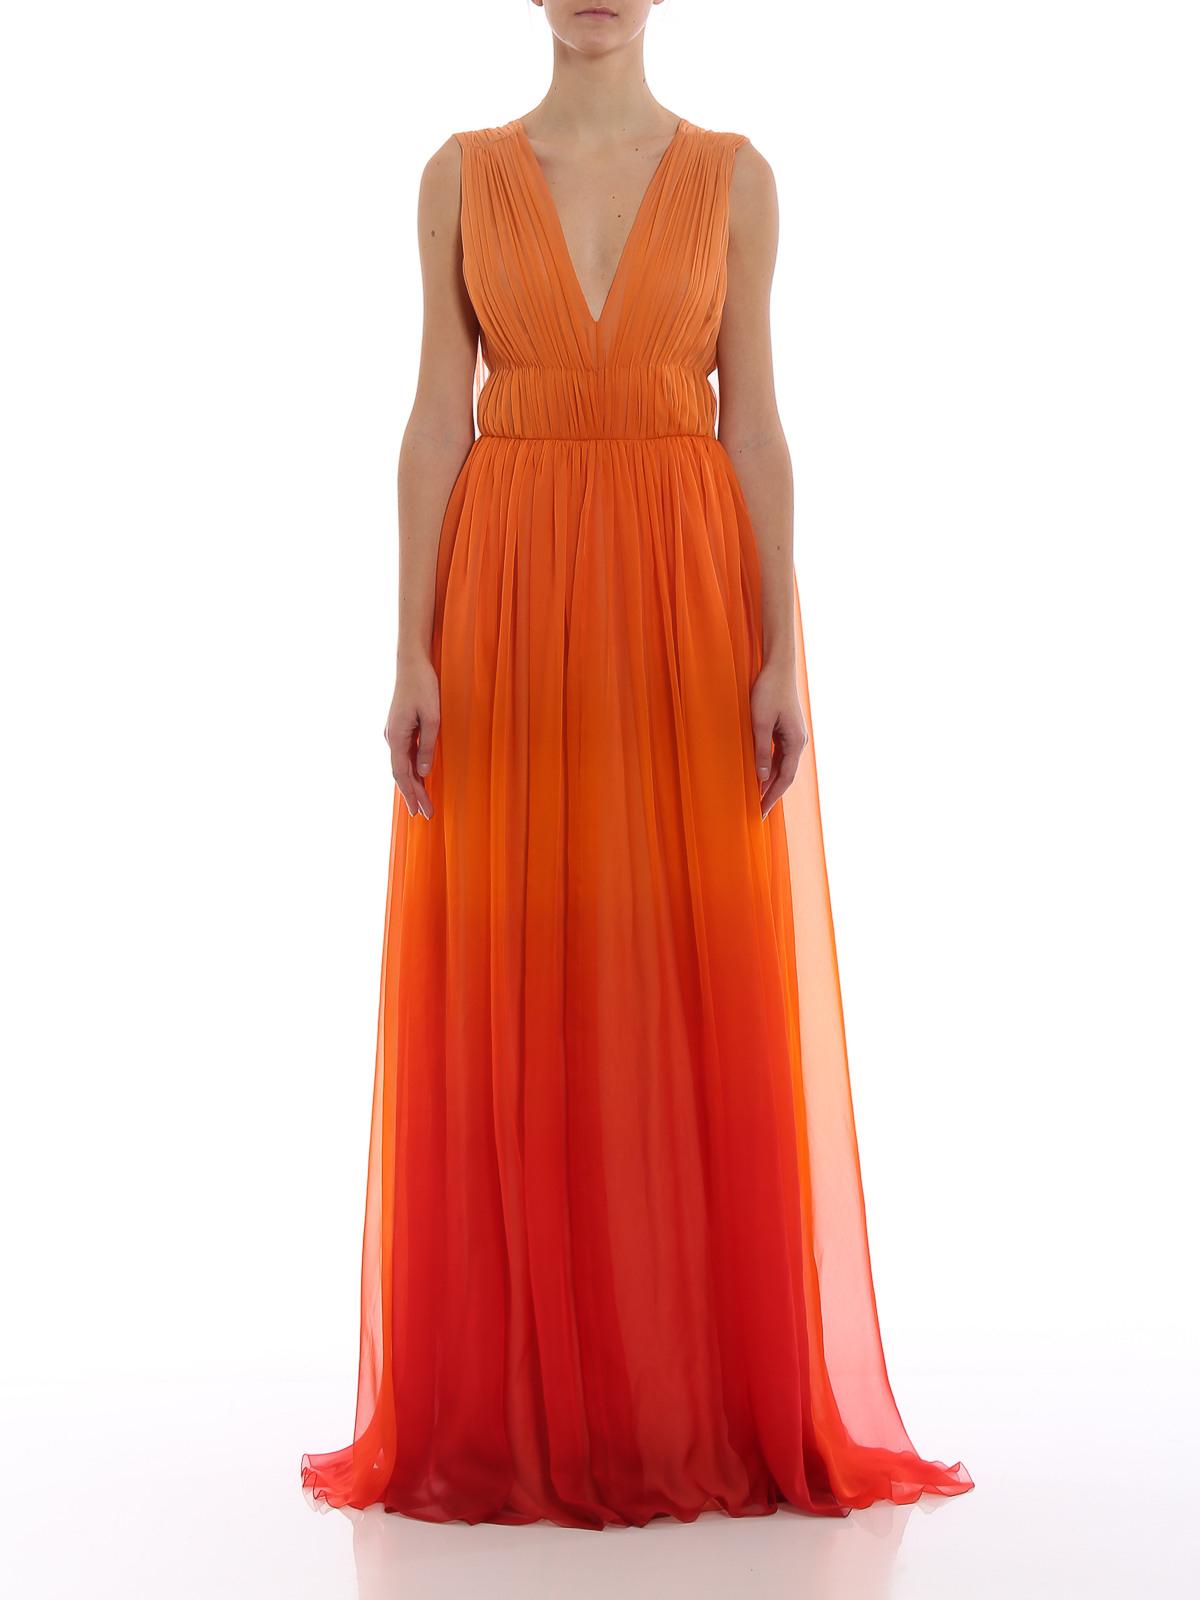 Designer Spektakulär Abendkleid Orange BoutiqueAbend Schön Abendkleid Orange Vertrieb